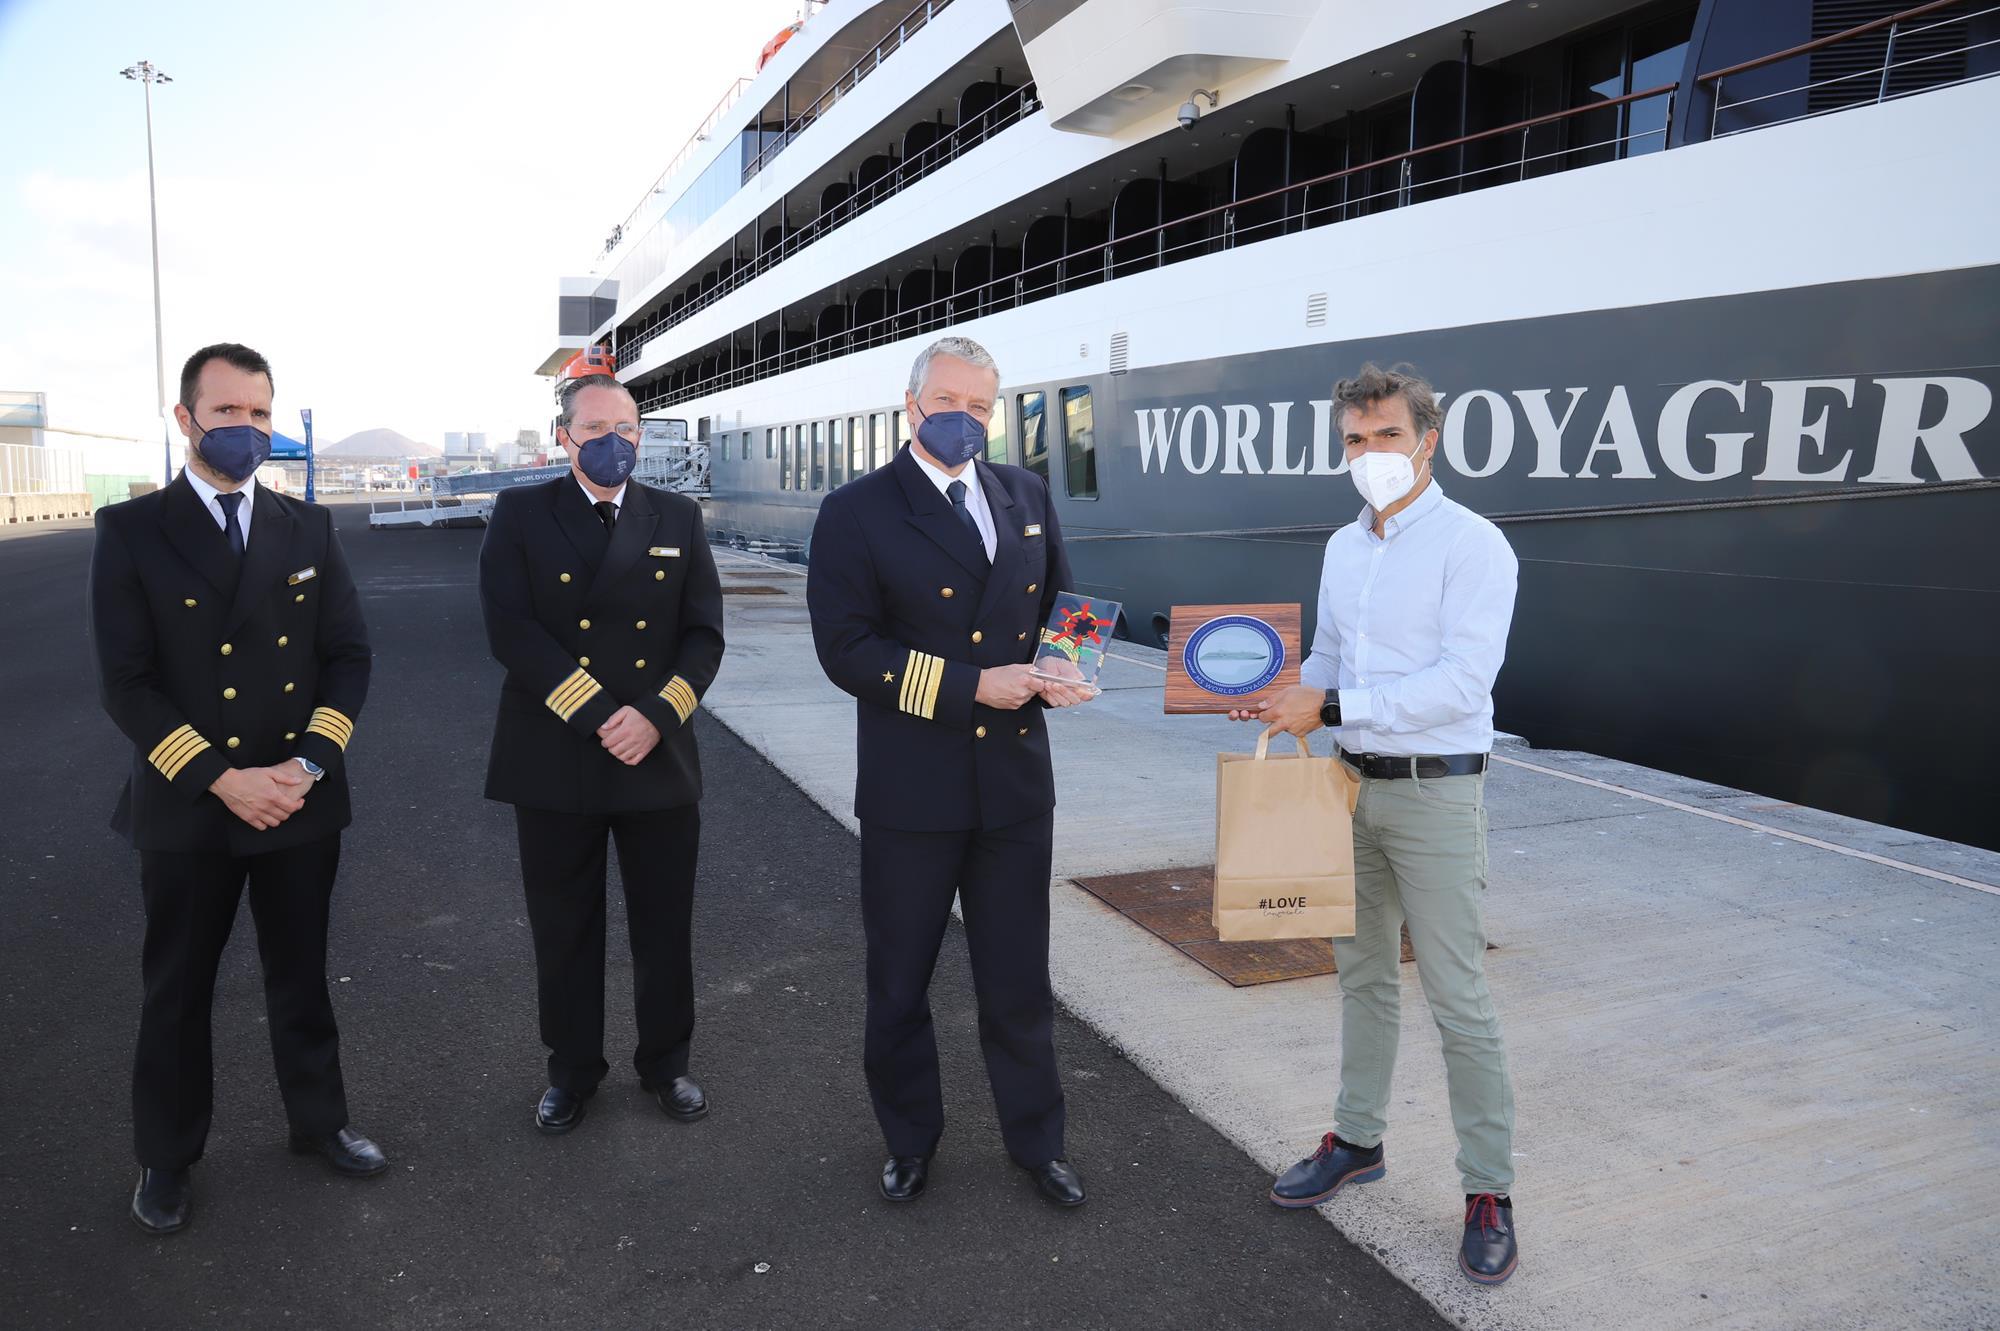 El crucero de lujo 'World Voyager' recala por primera vez en Lanzarote